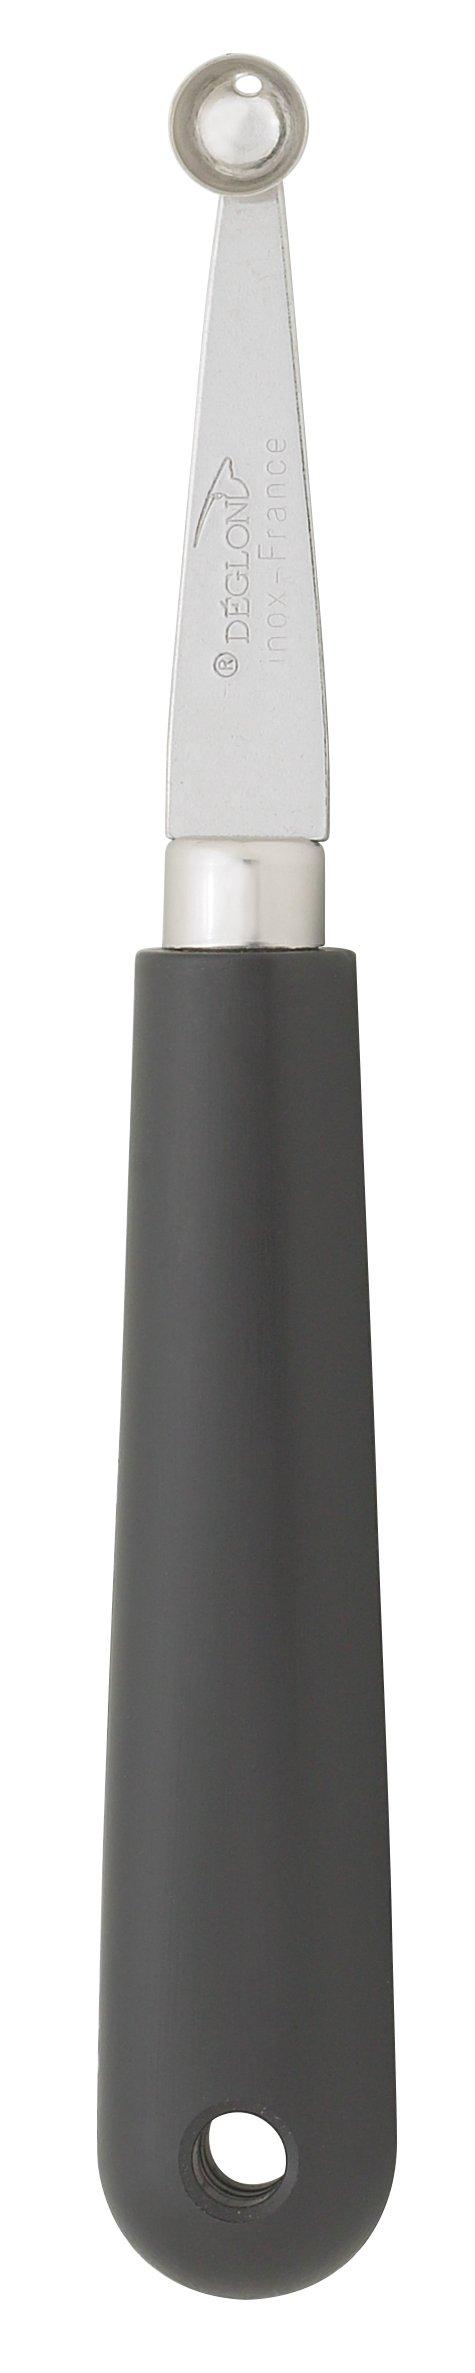 Deglon Melon Baller, Stainless Steel, 10-mm